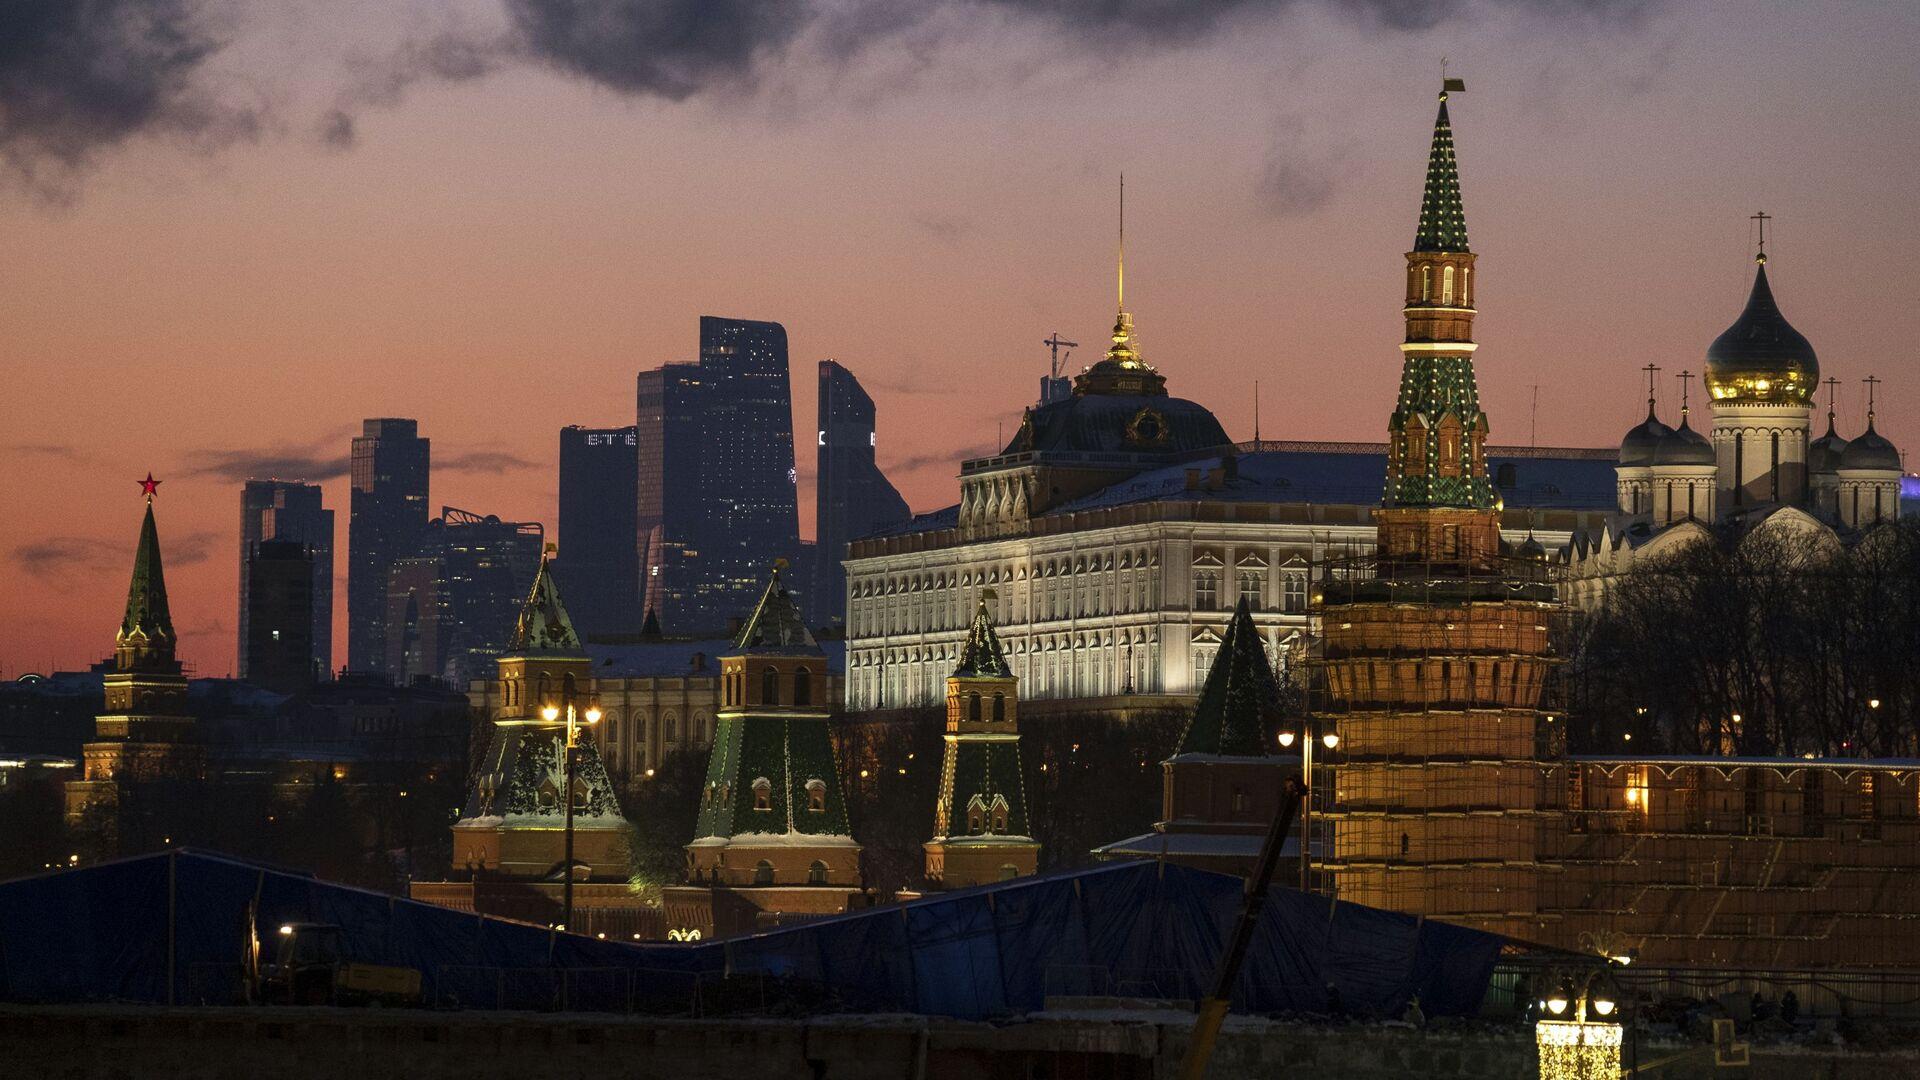 Московский Кремль - РИА Новости, 1920, 18.01.2019